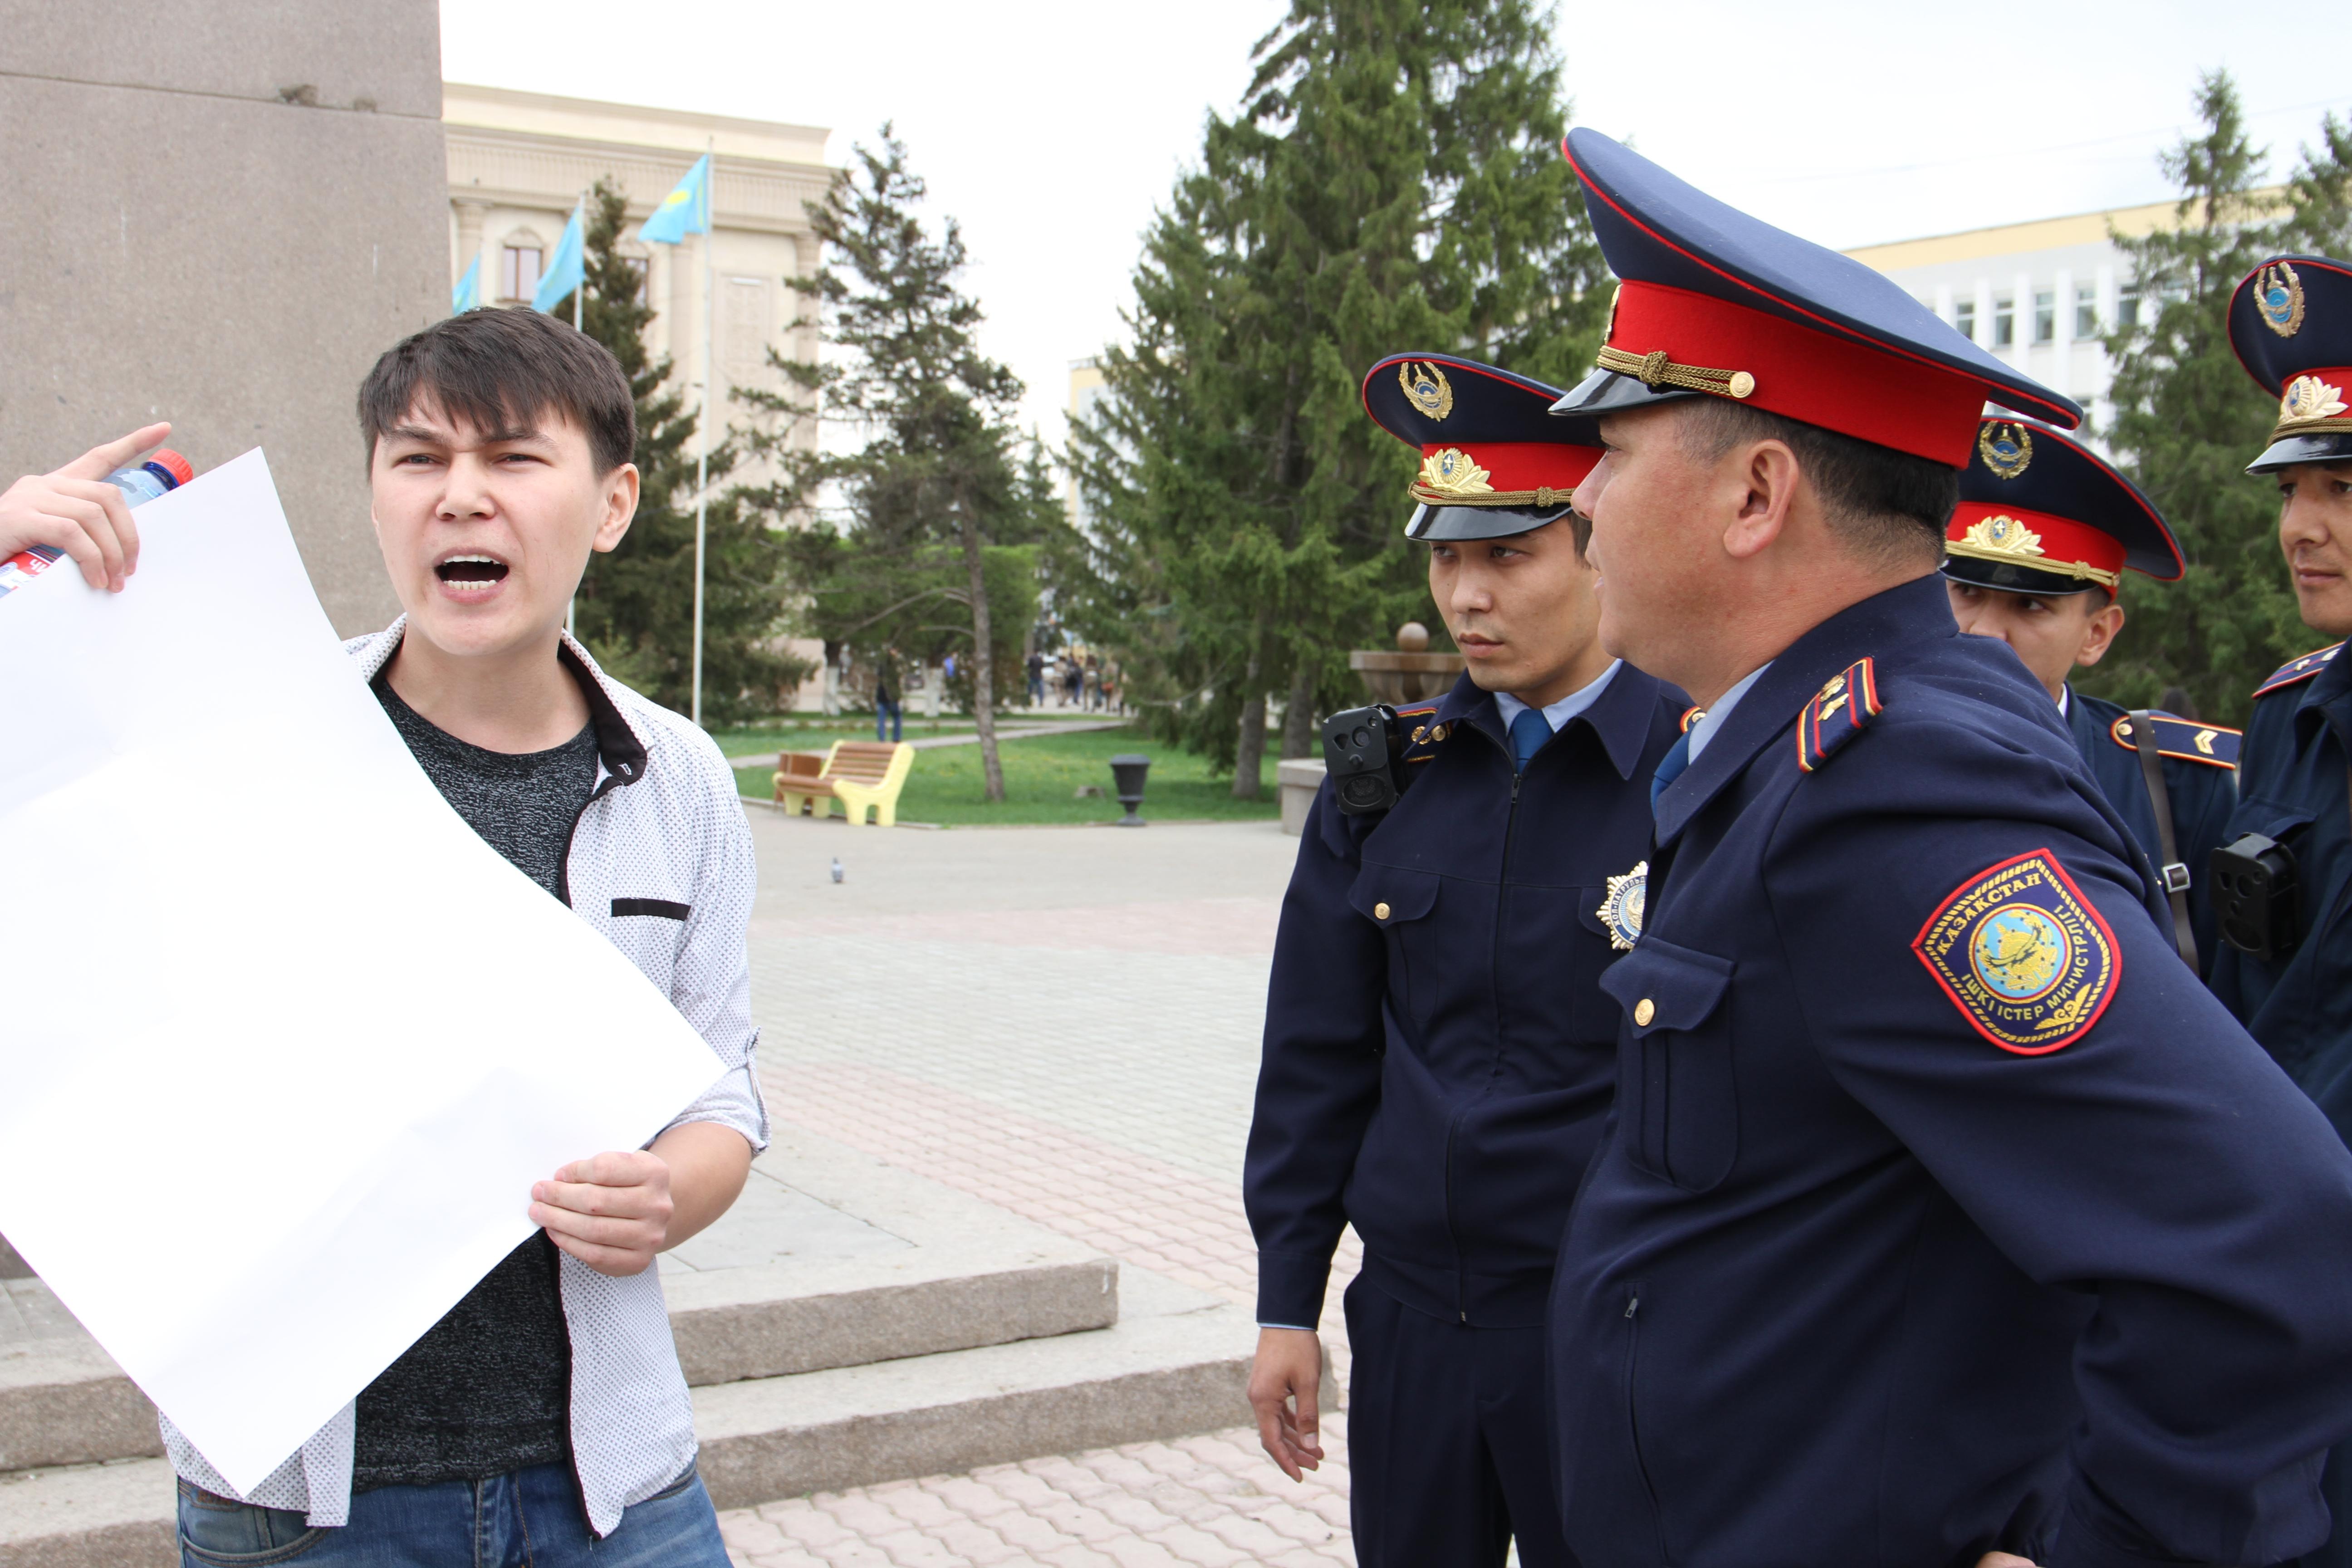 СМИ: в Уральске задержали молодого человека с плакатом без надписей